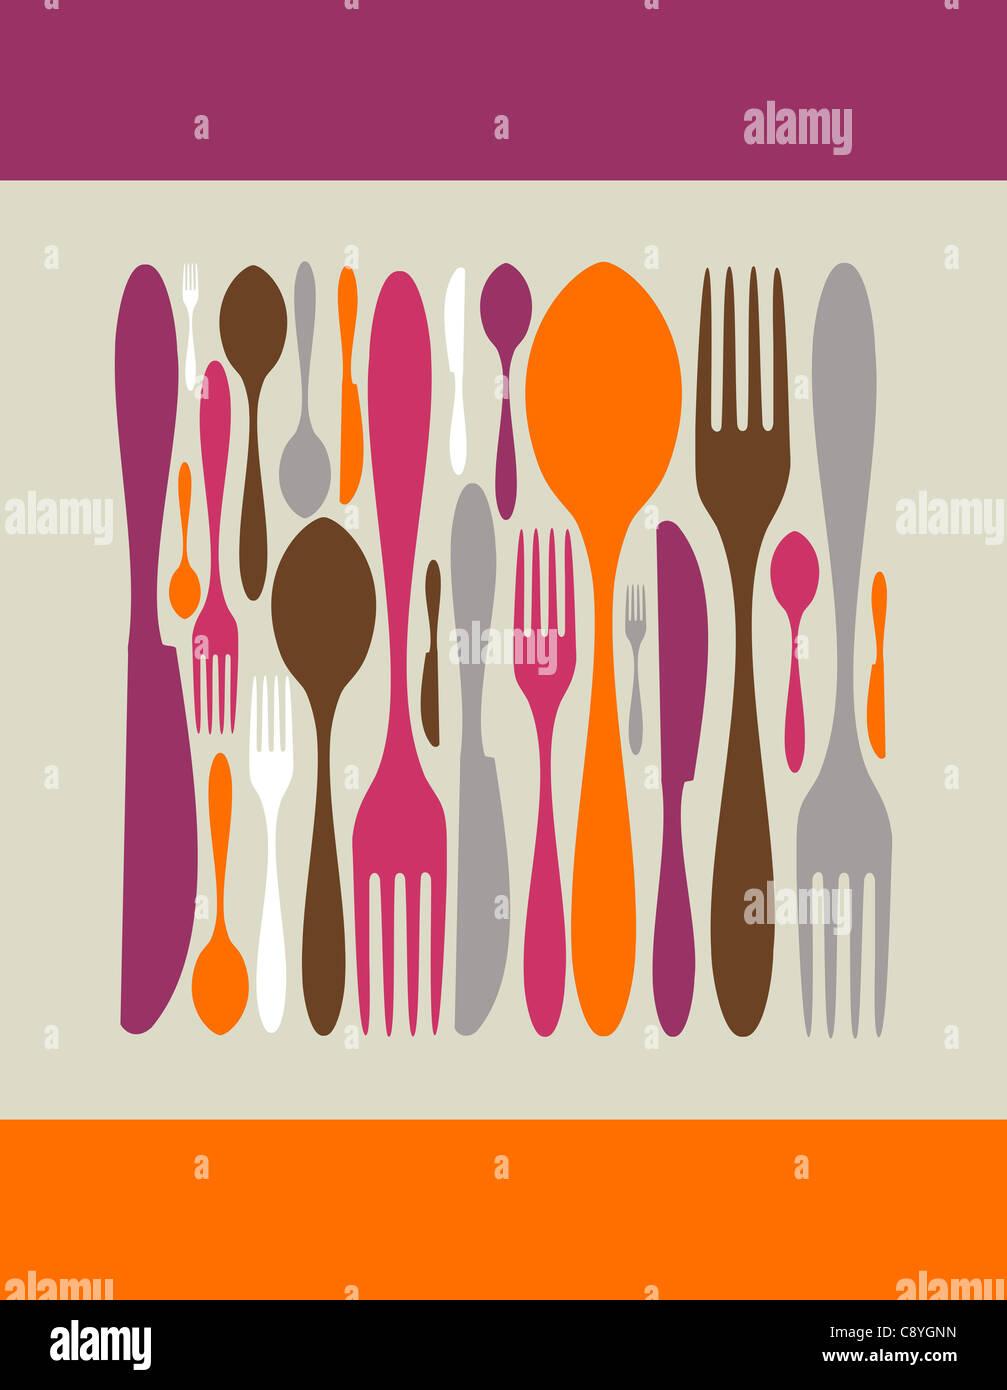 Square realizzato dalle posate icone. Forcella, un cucchiaio e un coltello sagome in diversi colori e dimensioni. Immagini Stock